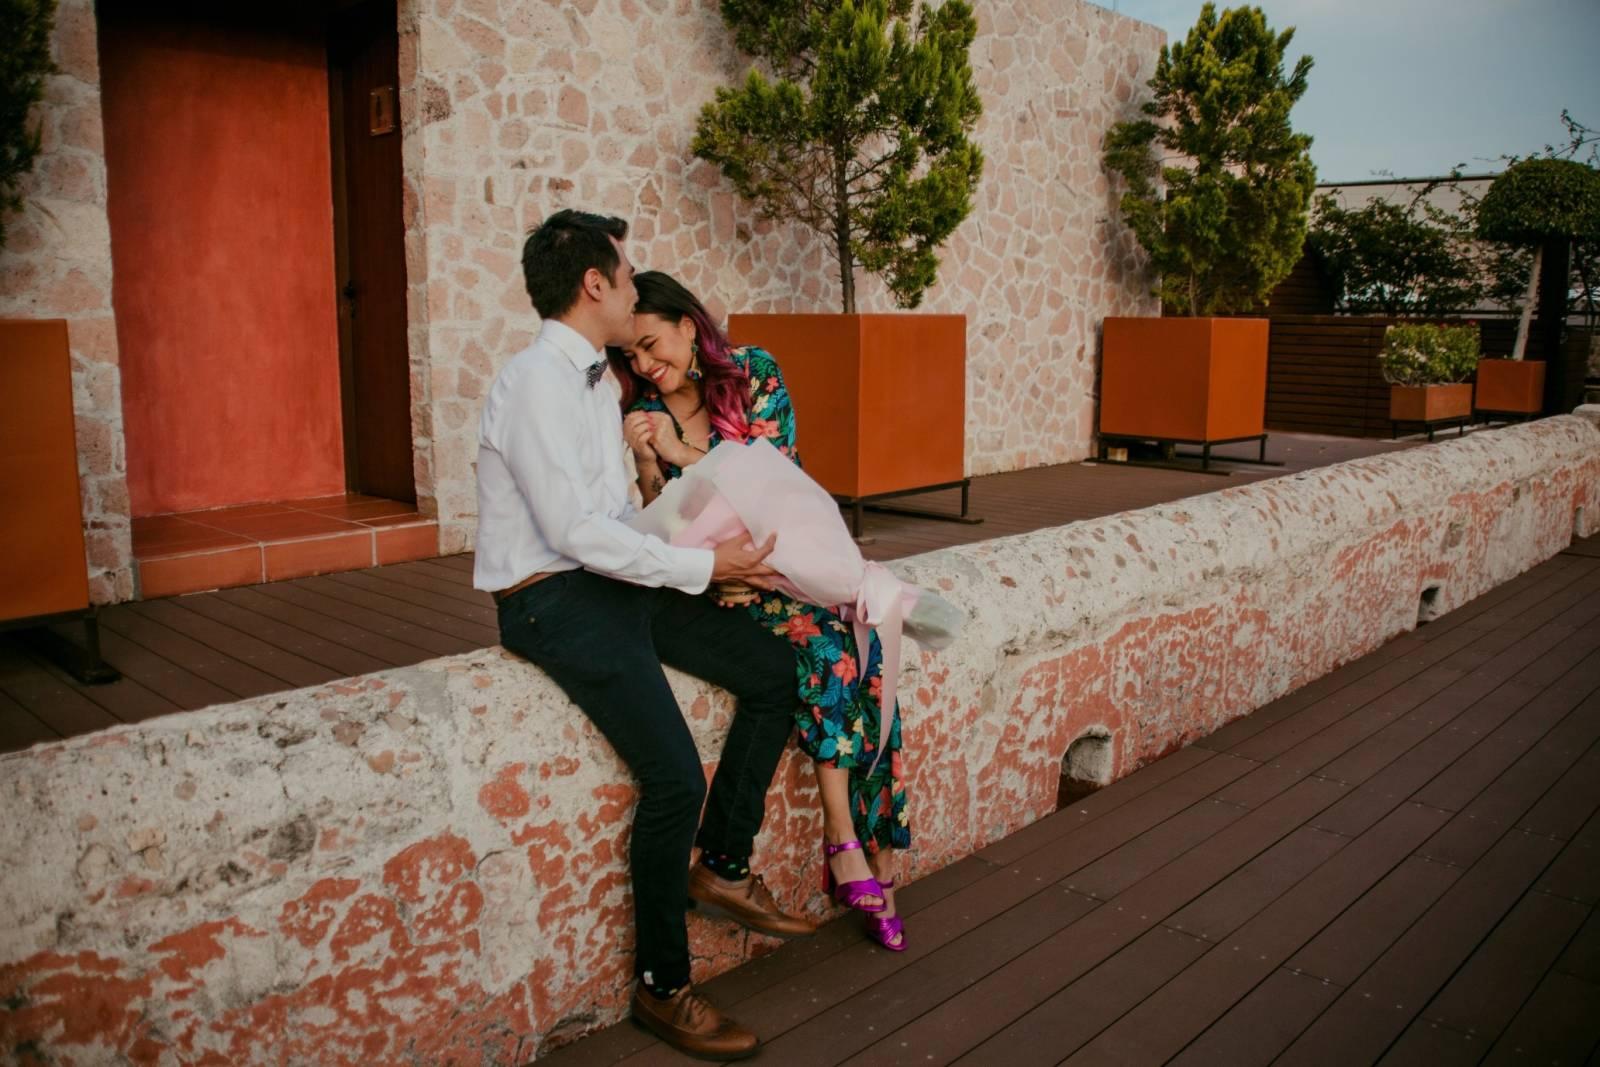 Amazing Destinations - Huwelijksreis - Honeymoon - House of Weddings - 12